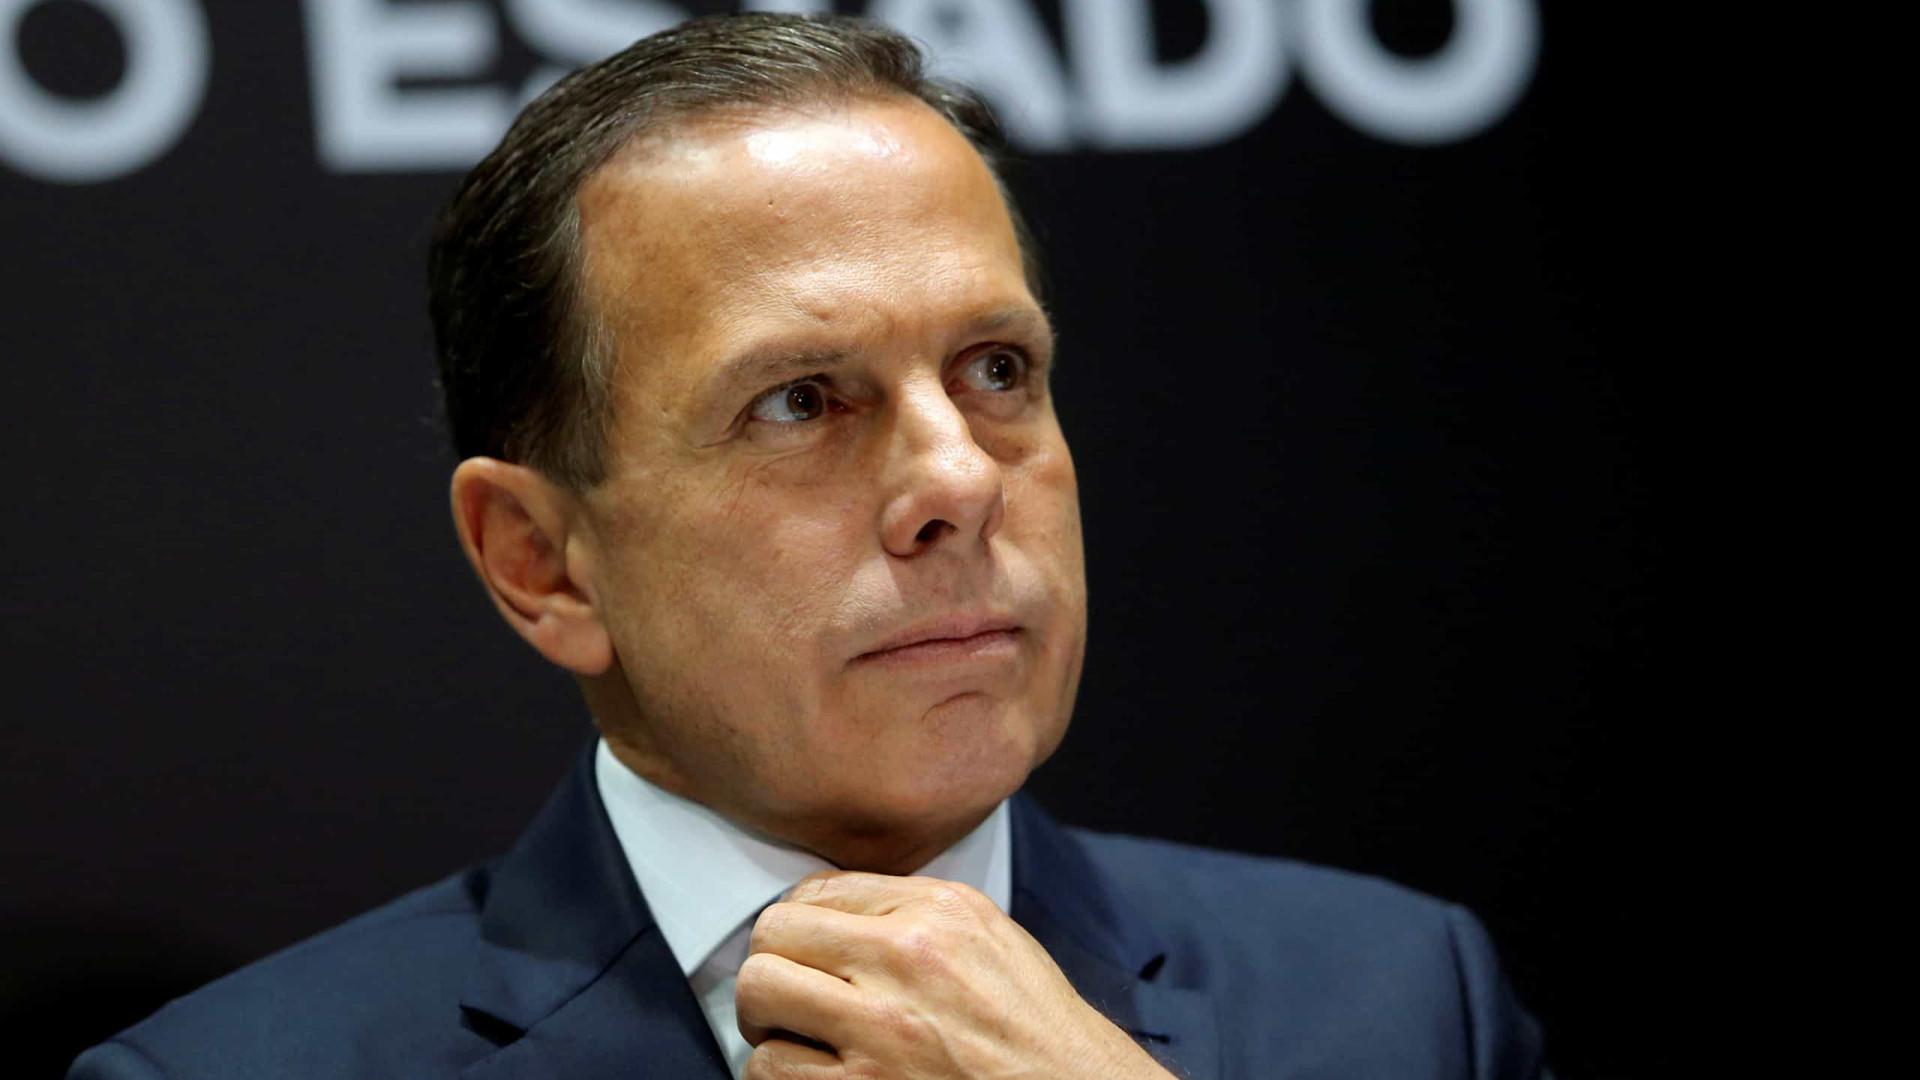 Desembargadora derruba decisão que bloqueou R$ 29 mi em bens de Doria